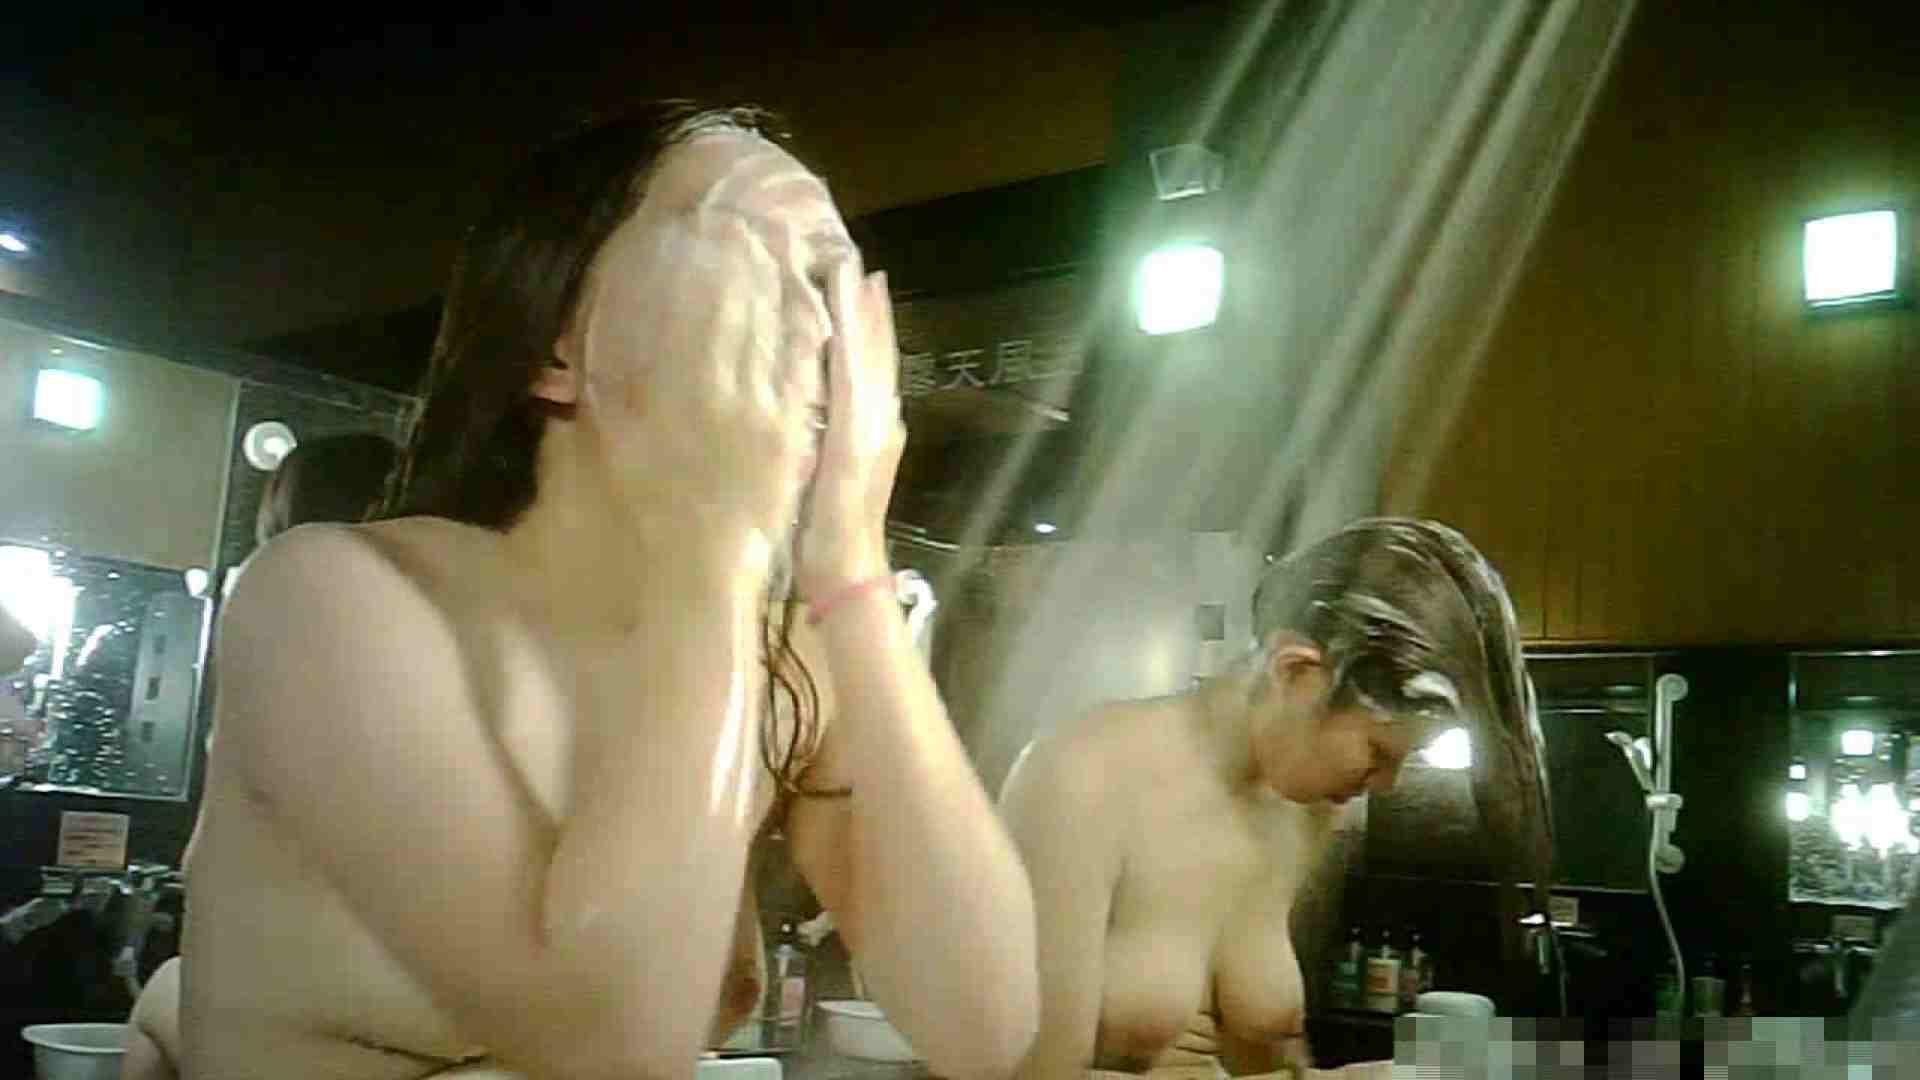 手を染めてしまった女性盗撮師の女風呂潜入記 vol.004 脱衣所 | 盗撮  67pic 8